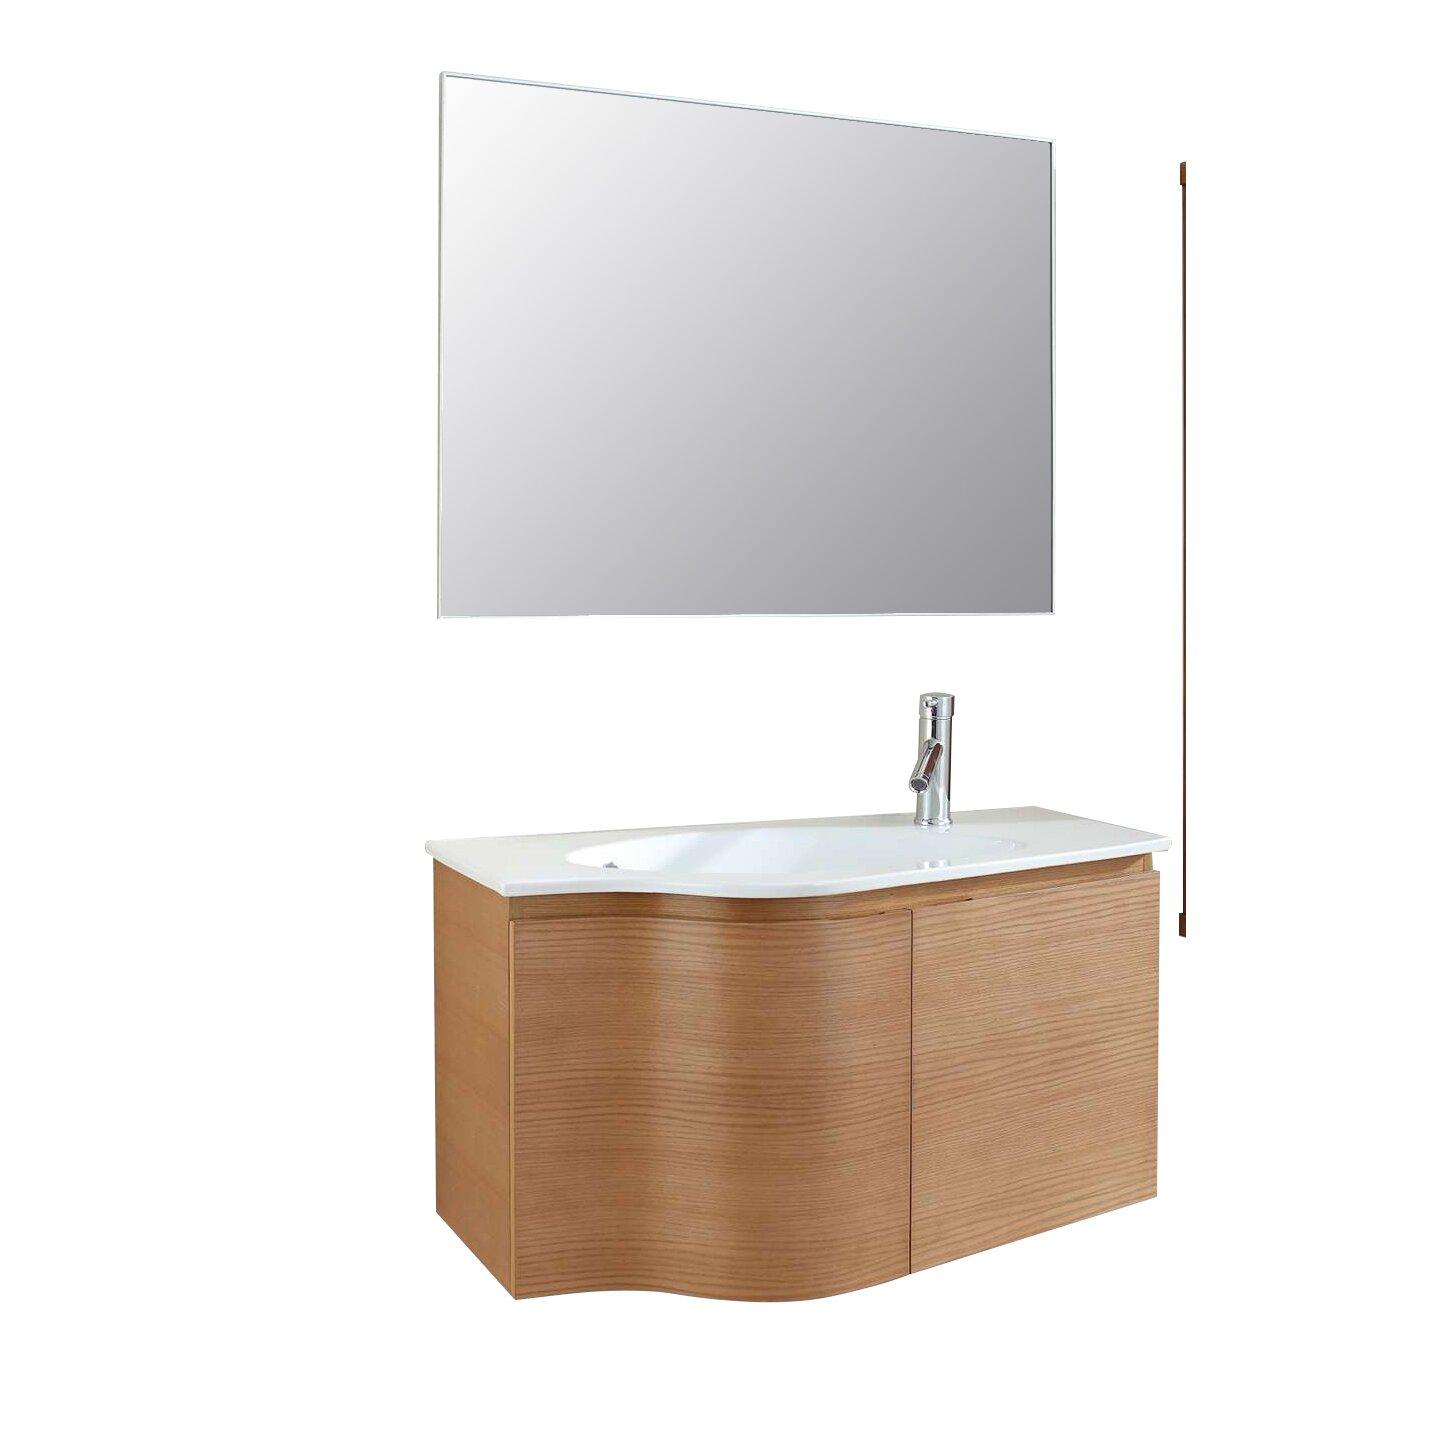 Floating bathroom vanities - Roselle 35 Single Floating Bathroom Vanity Set With Ceramic Top And Mirror